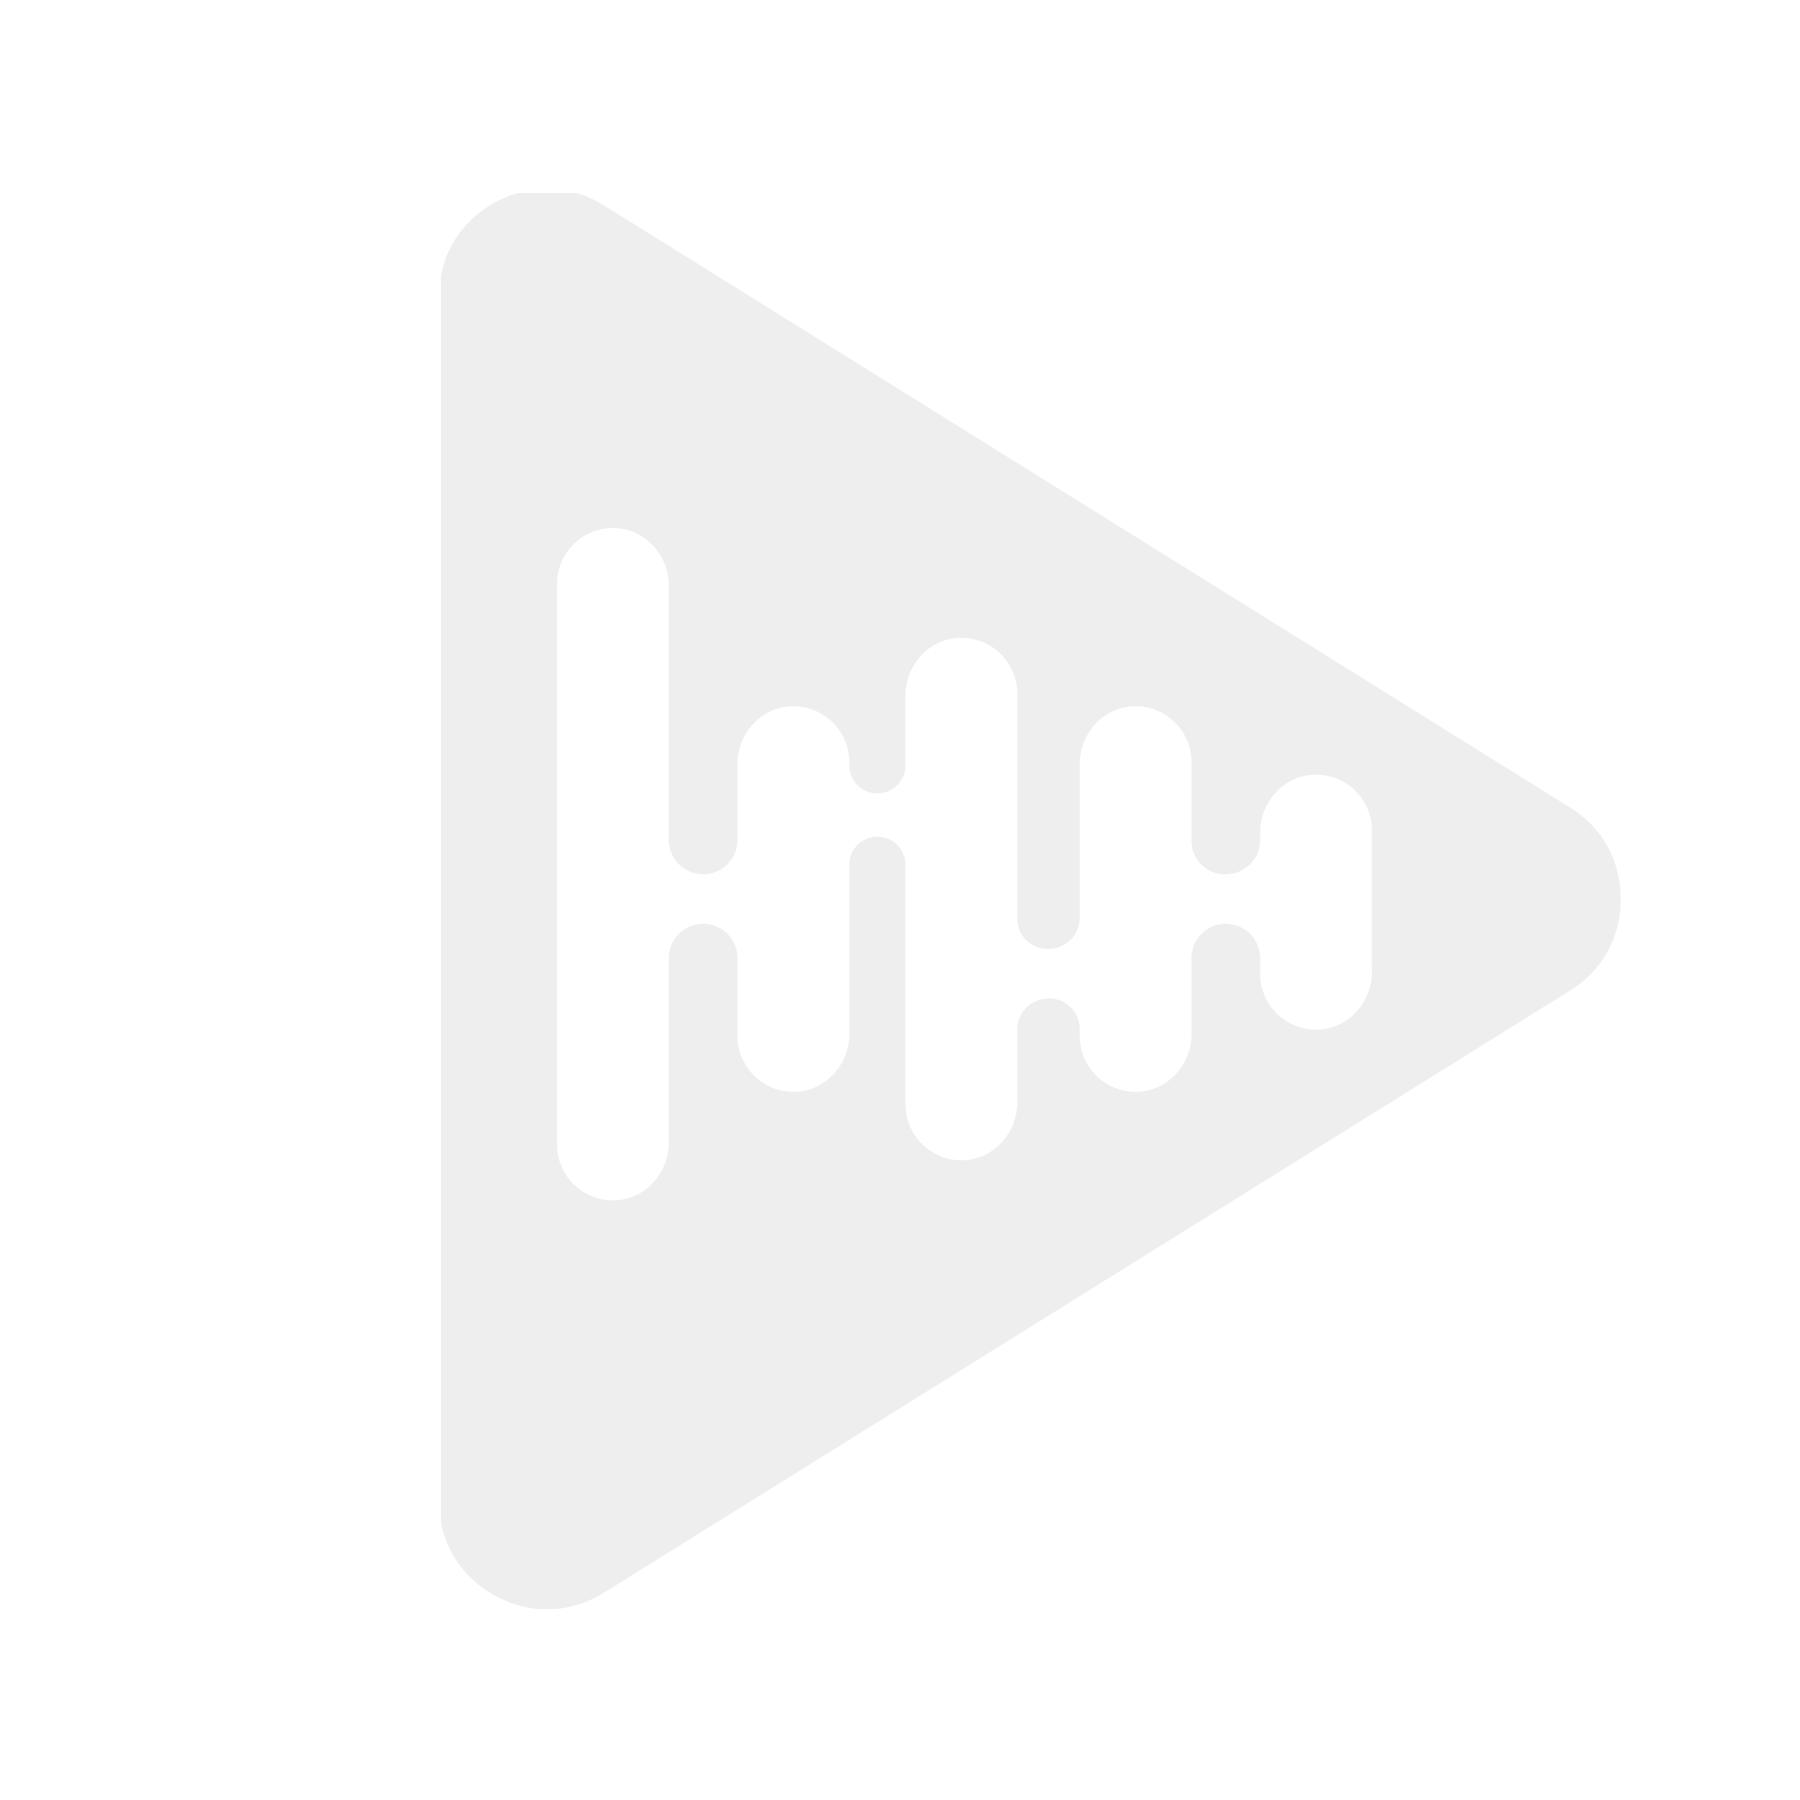 Hertz Dieci DX 200 - Delefilter til Hertz DSK 130/165.2 bassmellomtone, stk